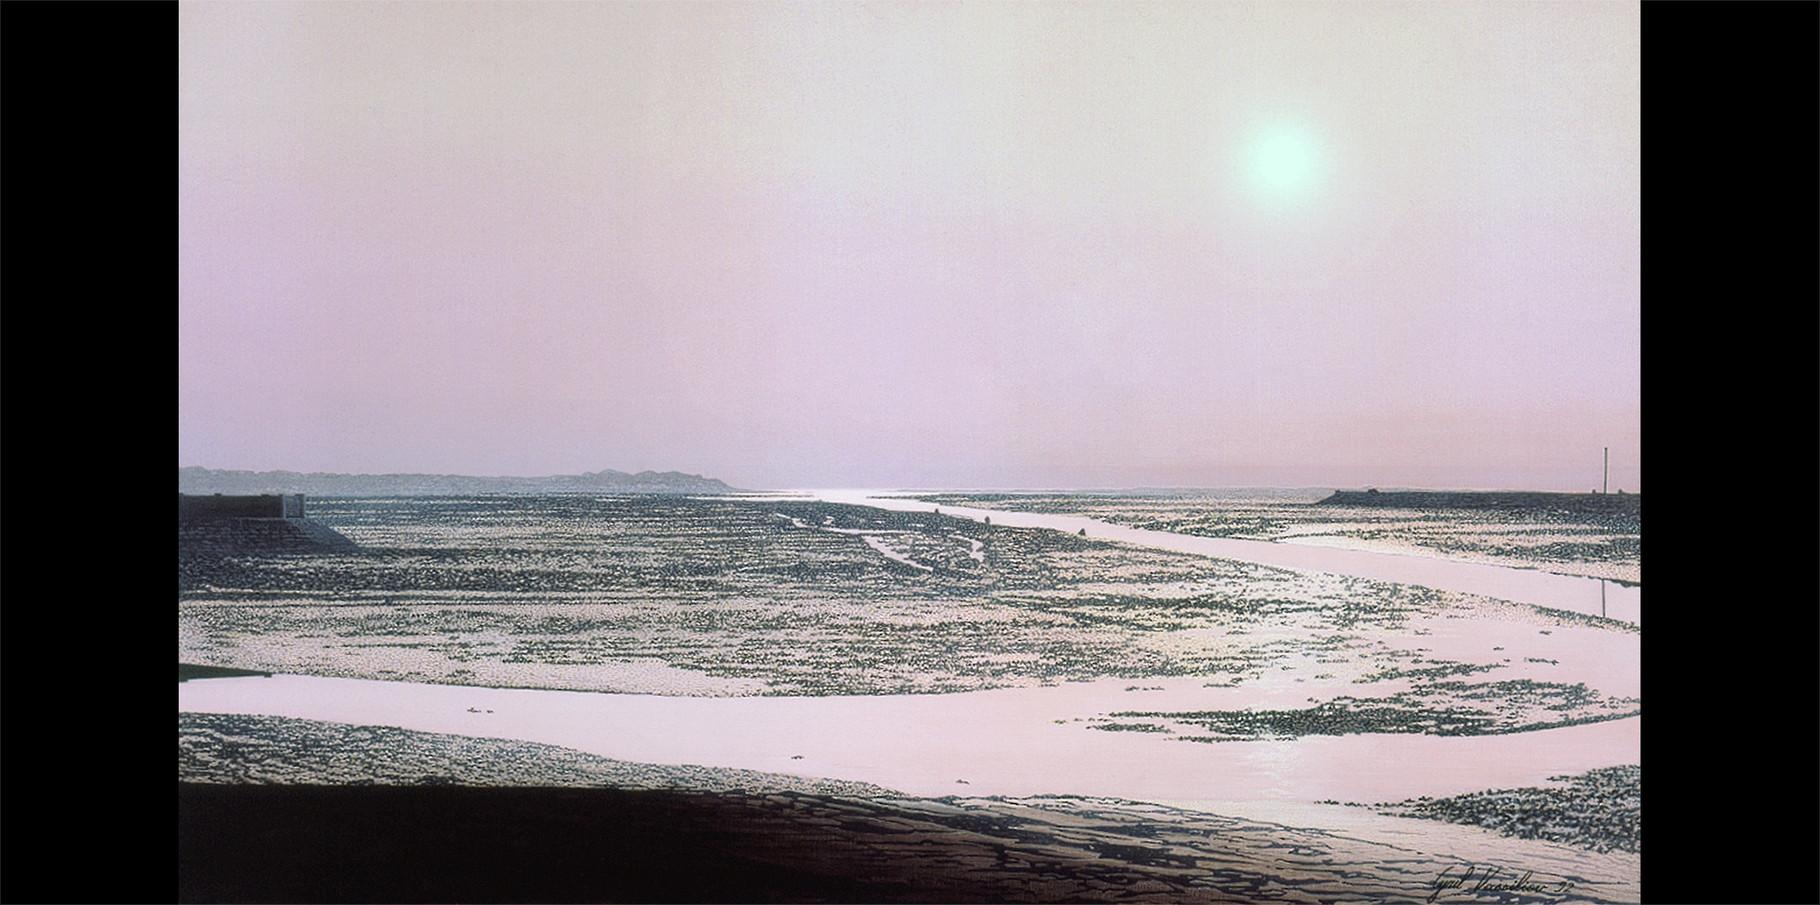 Le Fier vue du chenal d'Ars en Ré   Acrylique sur toile  1992